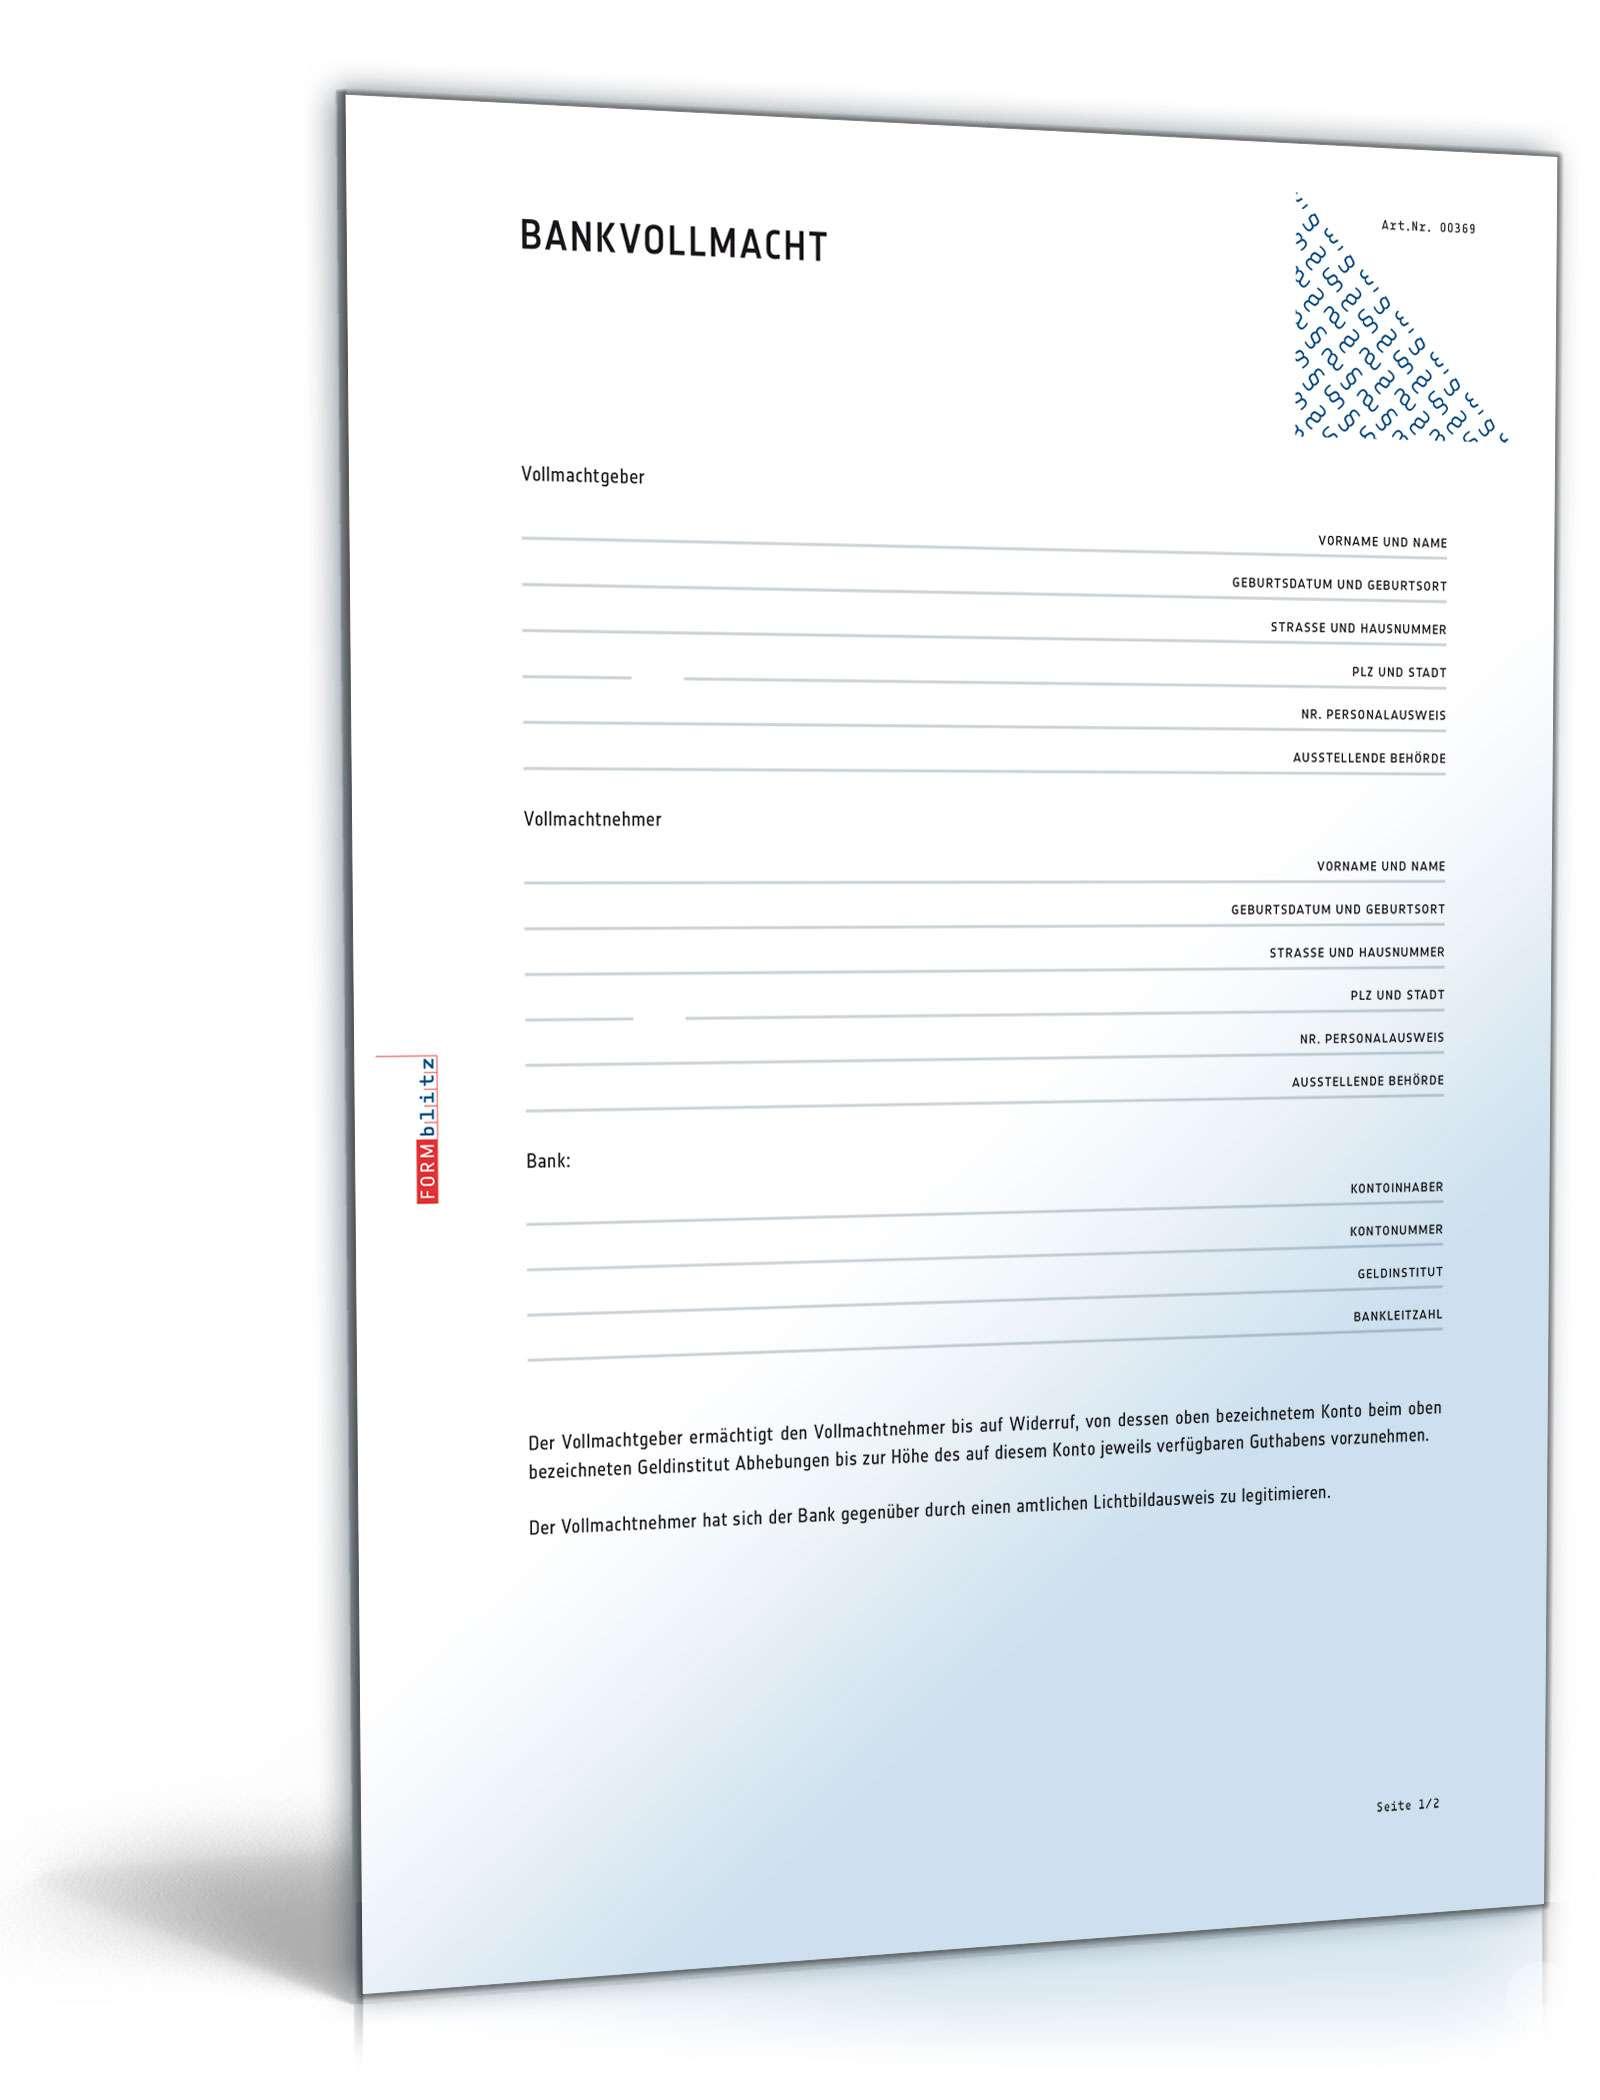 Bankvollmacht für Überweisungen - Muster-Vorlage zum Download